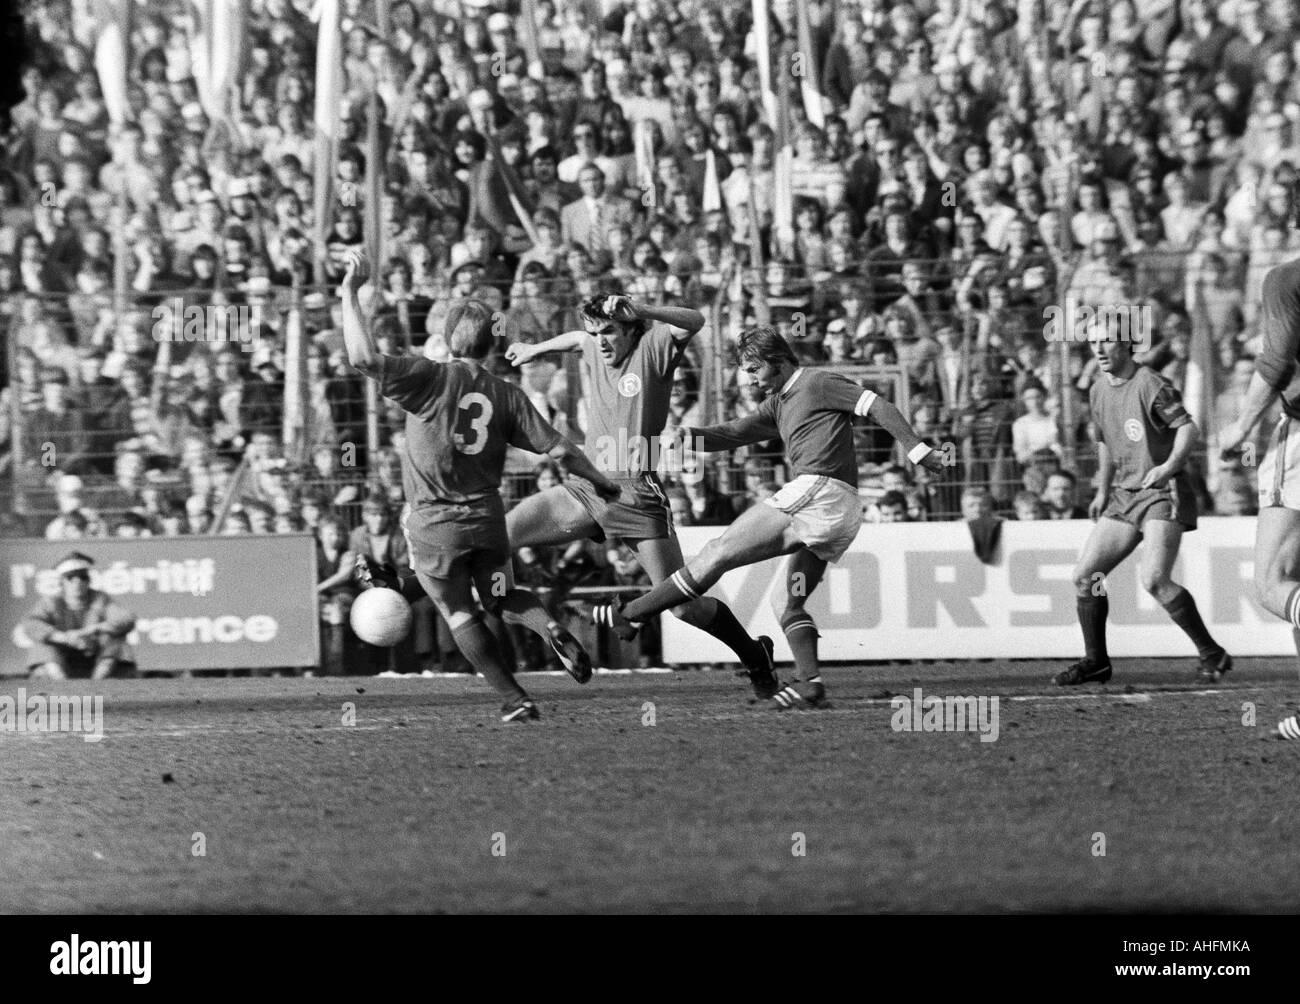 football, Bundesliga, 1971/1972, FC Schalke 04 versus Fortuna Duesseldorf 3:0, Glueckaufkampfbahn Stadium in Gelsenkirchen, scene of the match, f.l.t.r. Werner Lungwitz (Fortuna), Peter Biesenkamp (Fortuna), Reinhard Libuda (S04), Klaus Iwanzik (Fortuna) - Stock Image